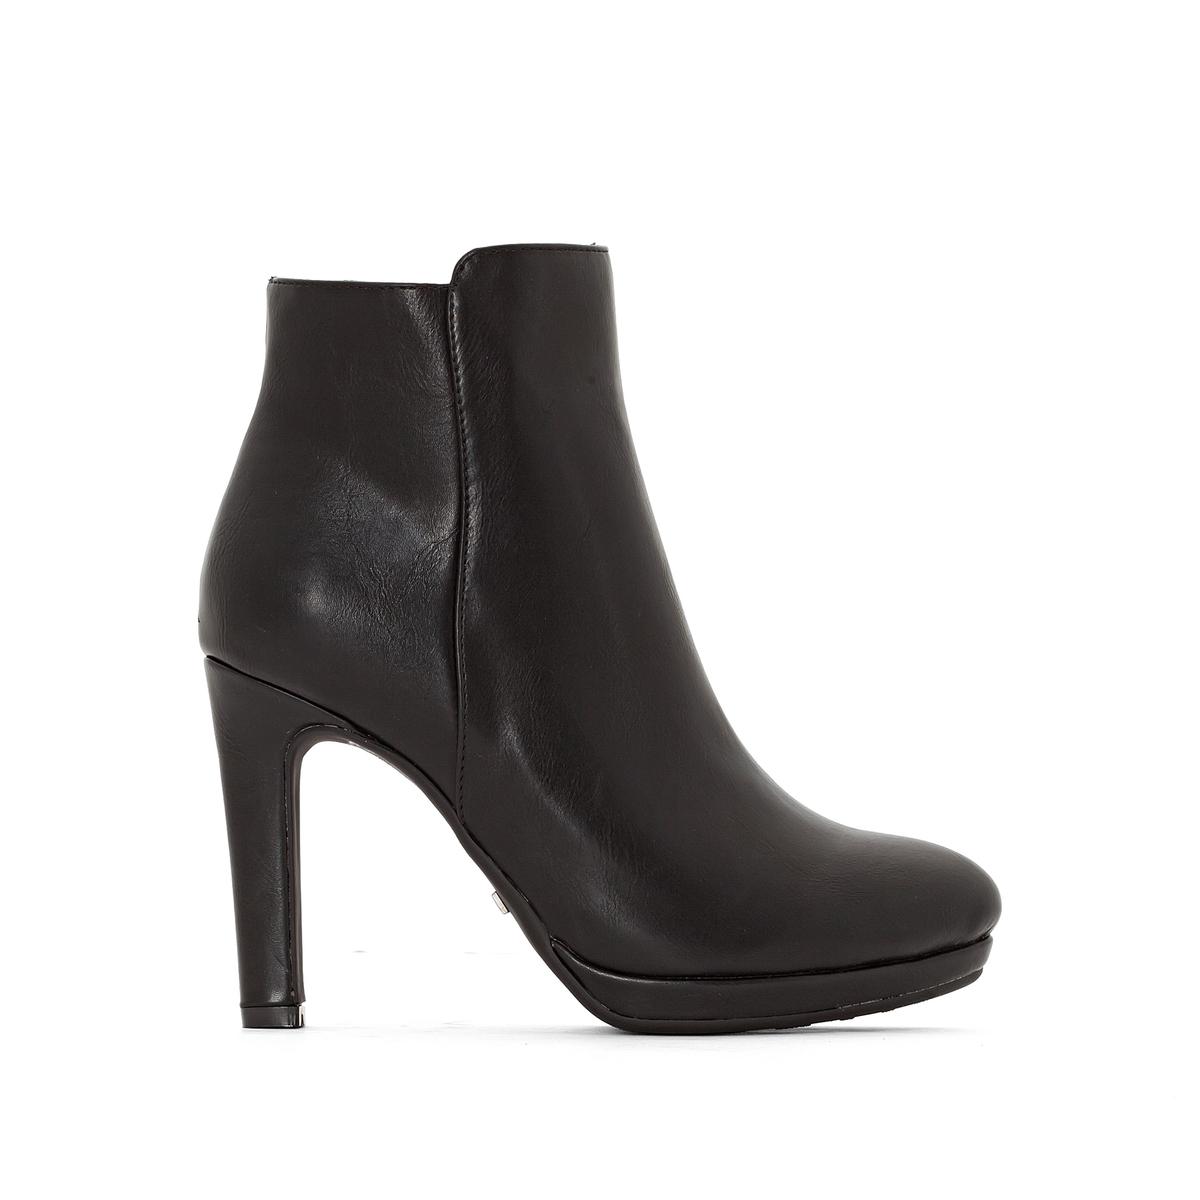 Ботильоны, Y436Подкладка: Синтетика и текстиль.         Подошва: Синтетический материал.                Высота каблука: 10 см.Форма каблука: ШирокаяМысок: Круглый.   Застежка: На молнию.<br><br>Цвет: черный<br>Размер: 39